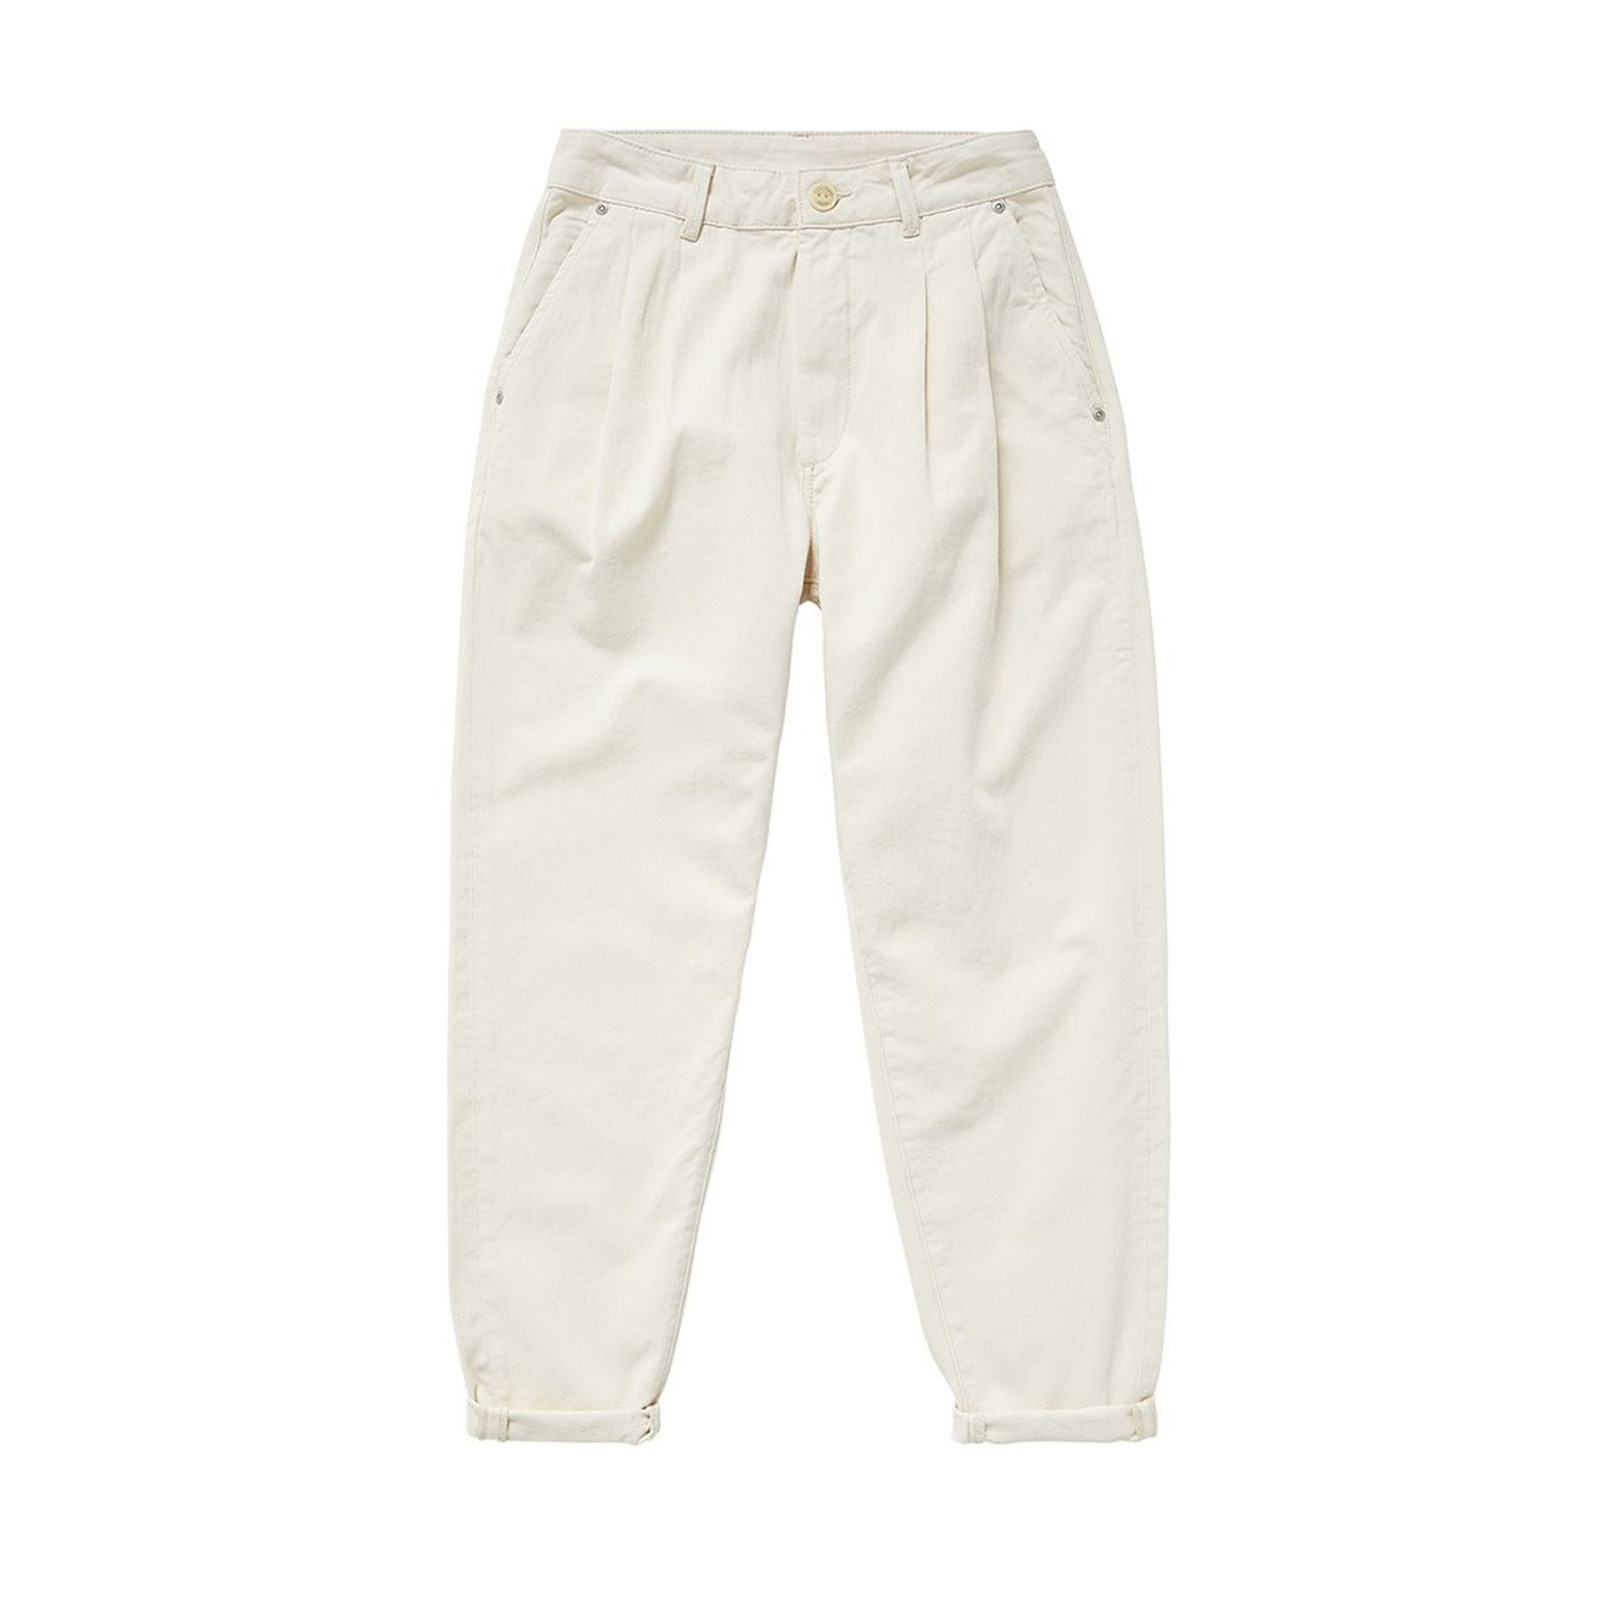 Pepe Jeans - E2 IVY ECRU LO - DENIM